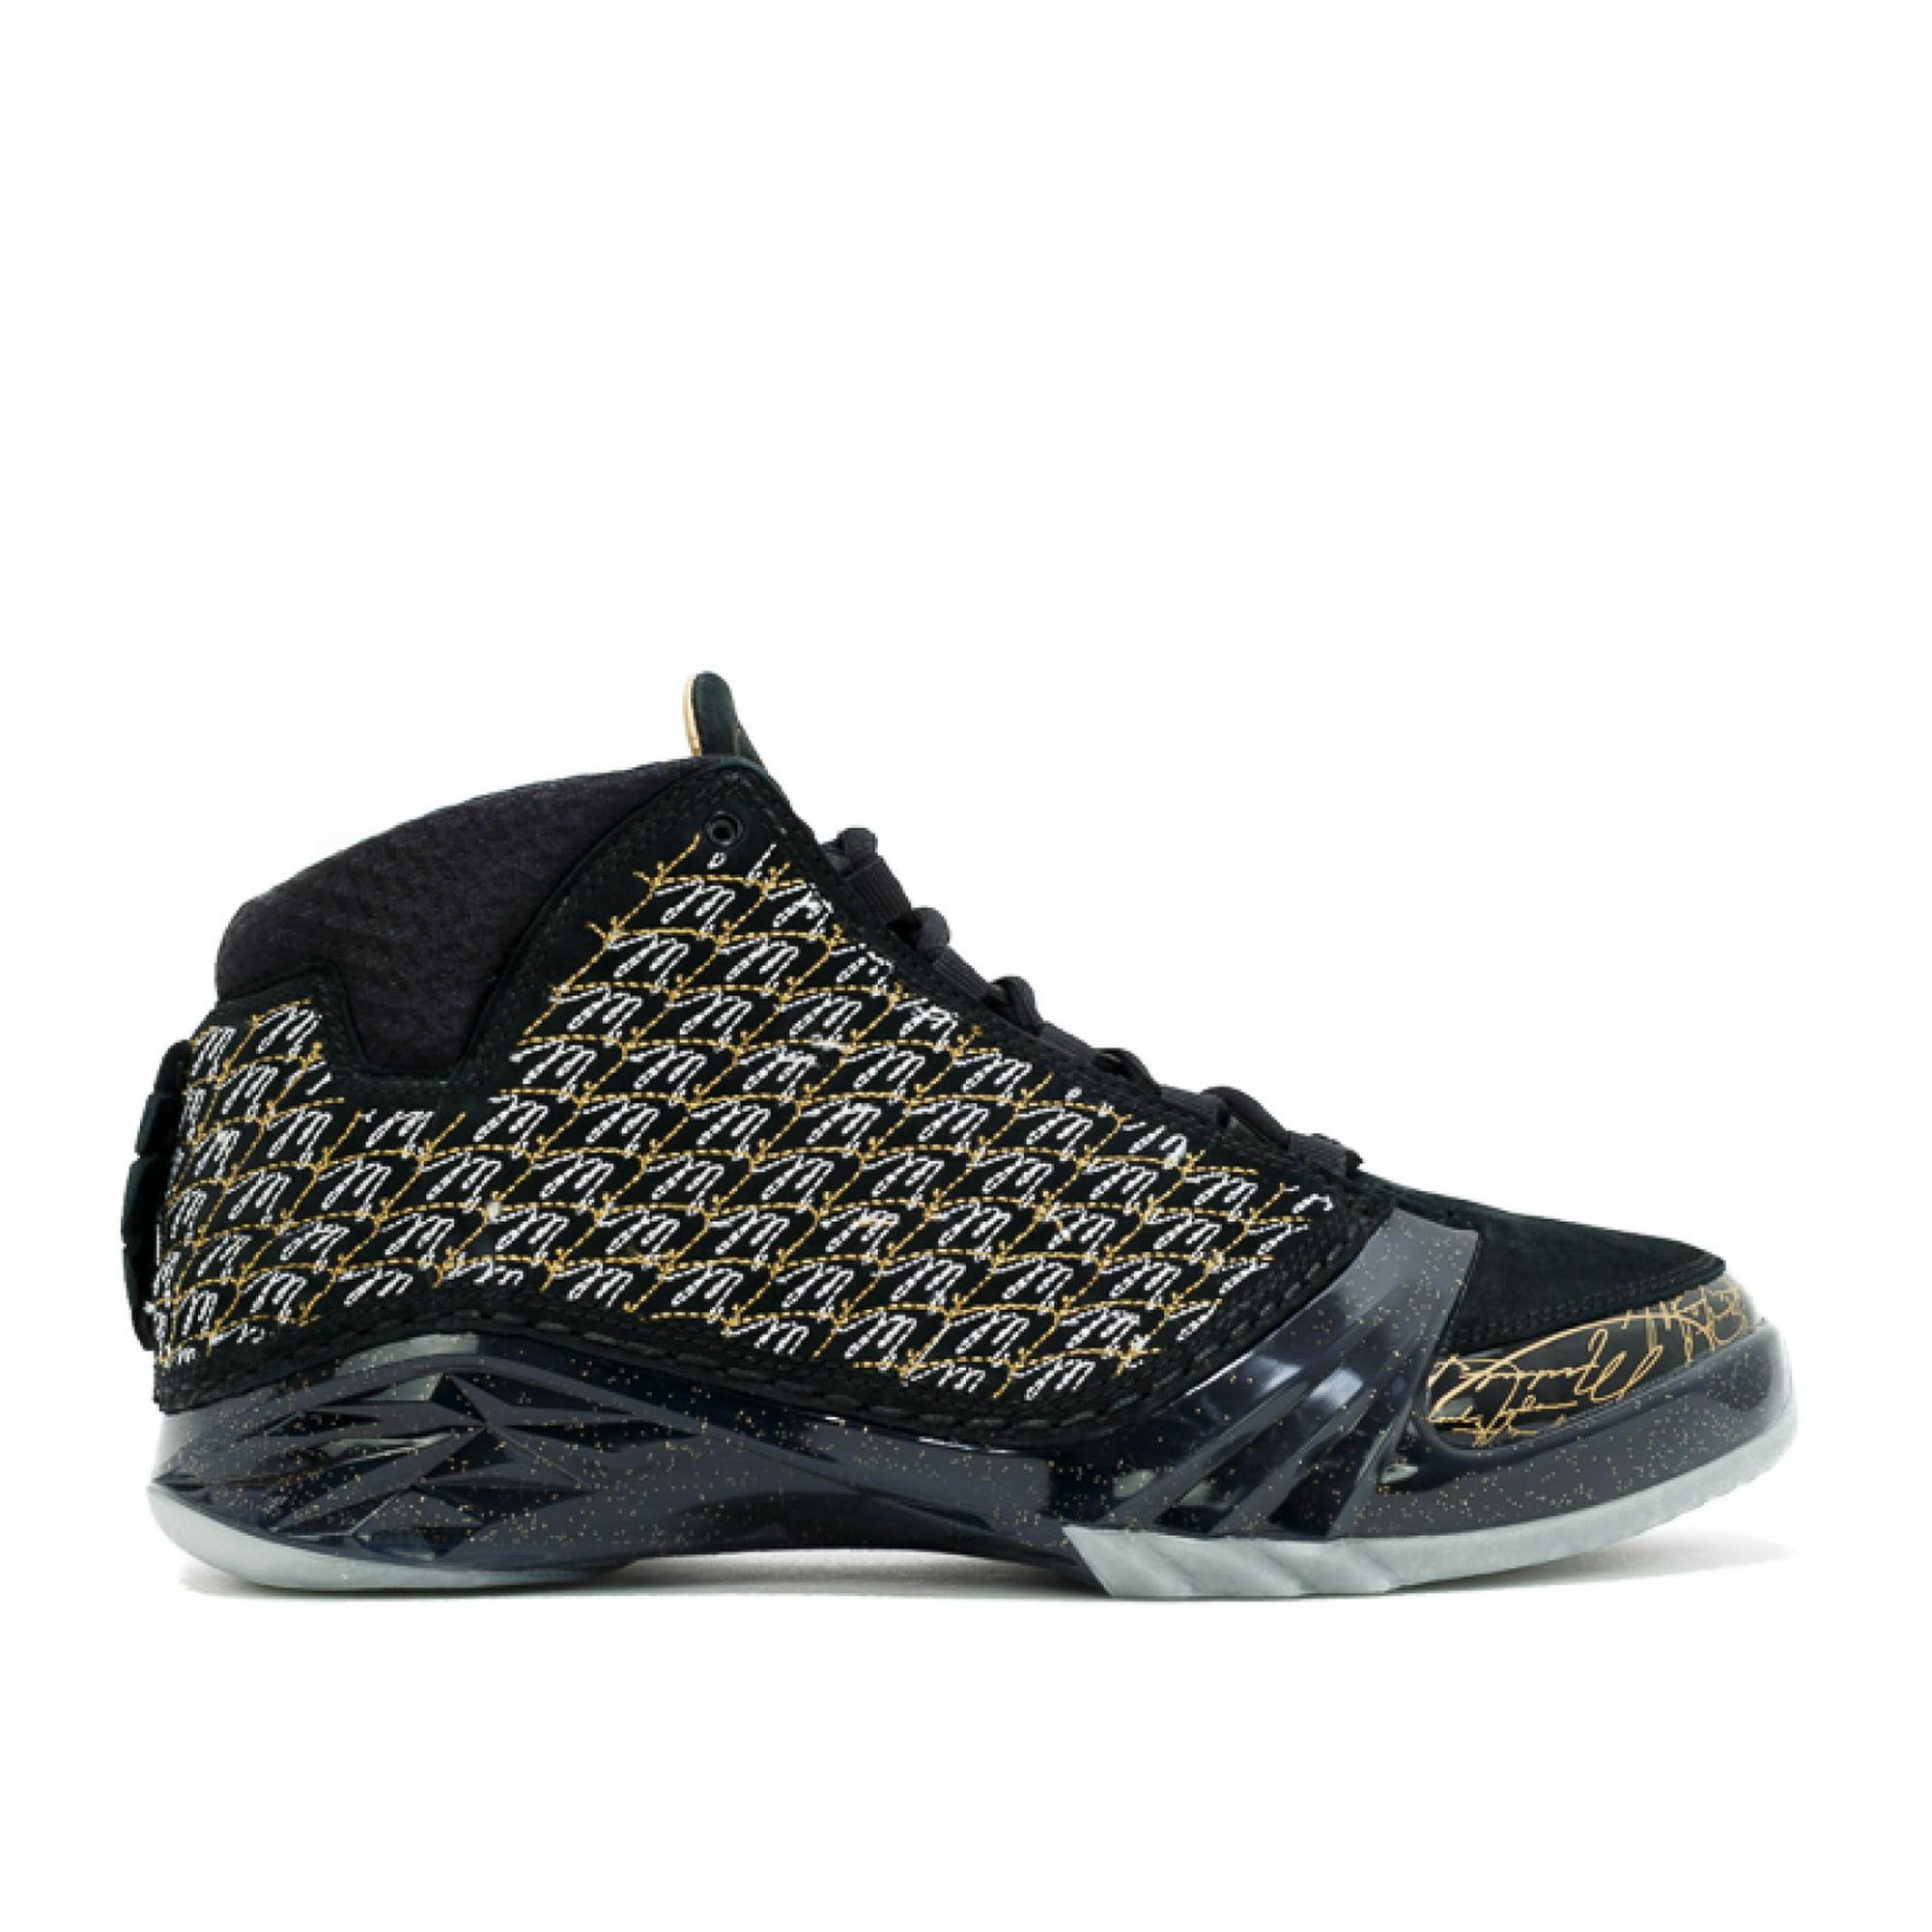 c98a0e1e56aa Air Jordan - Men - Air Jordan 23 Trophy Room - 853336-023 - Size 8 ...